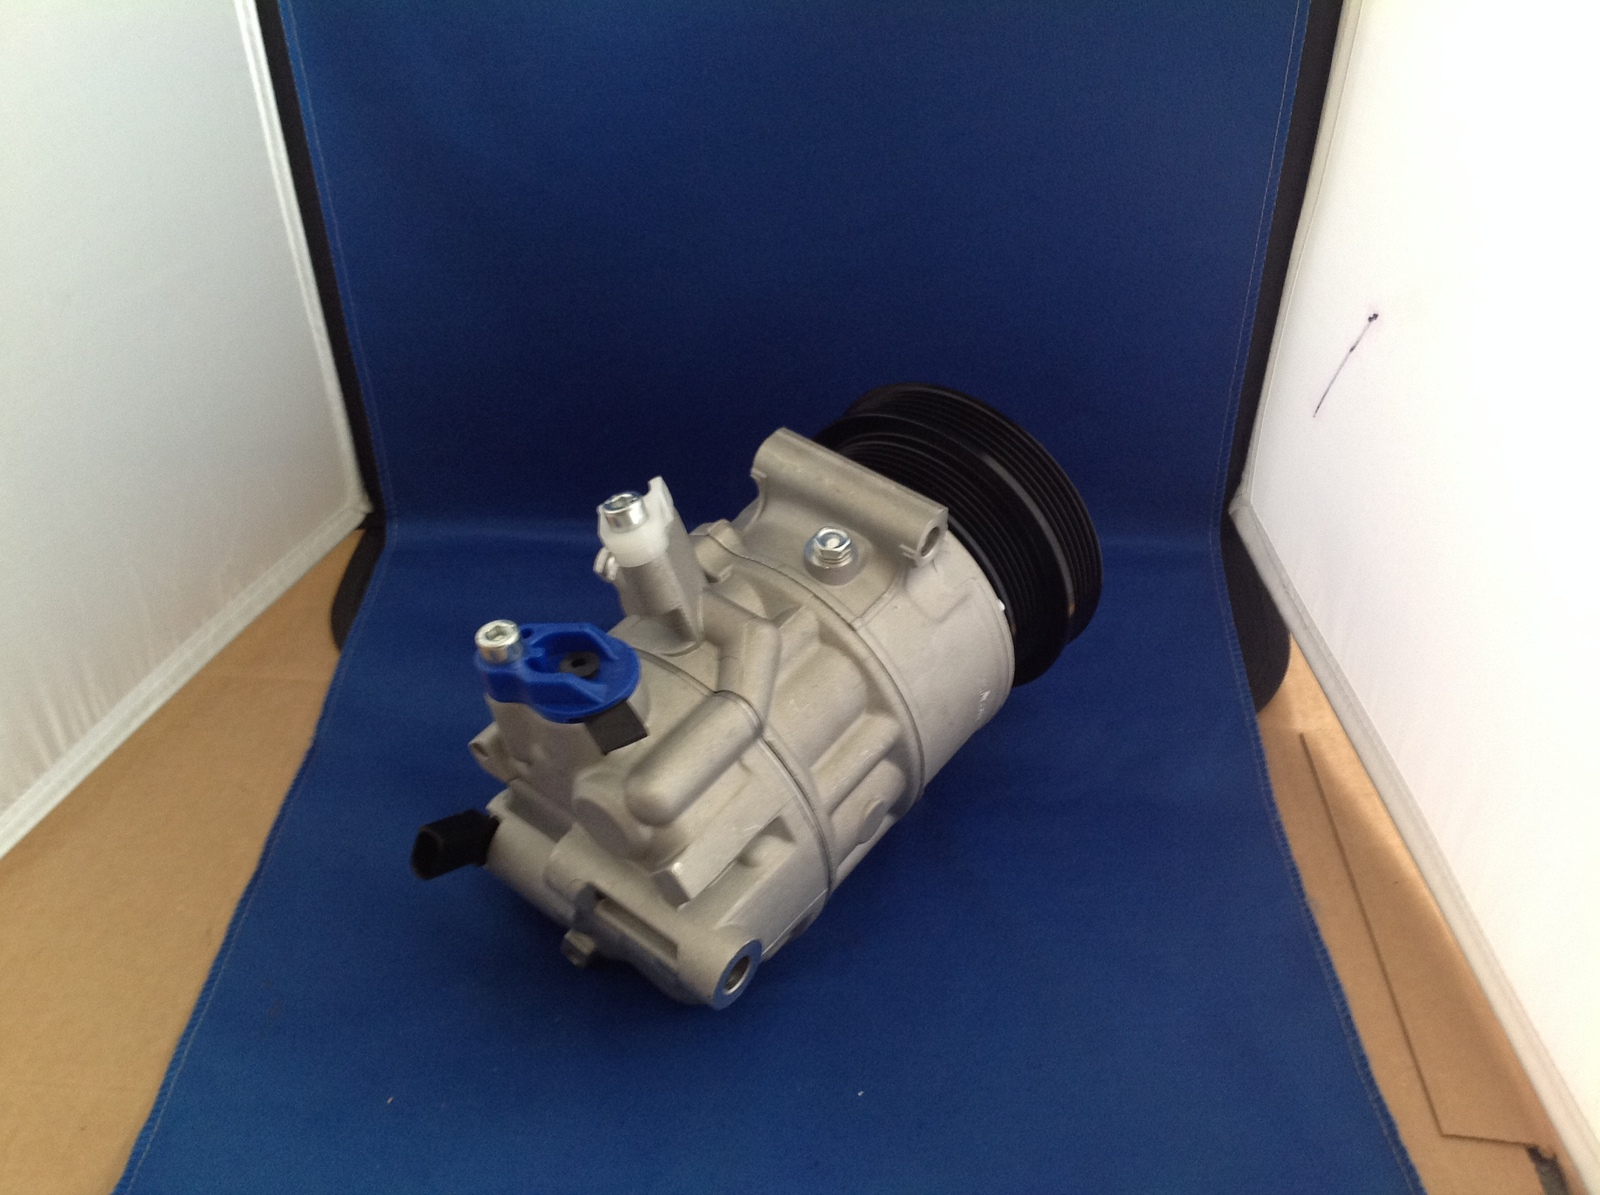 2012-13 Audi TT Quattro RS 2.5 Auto AC Air Conditioning Compressor Repair Part